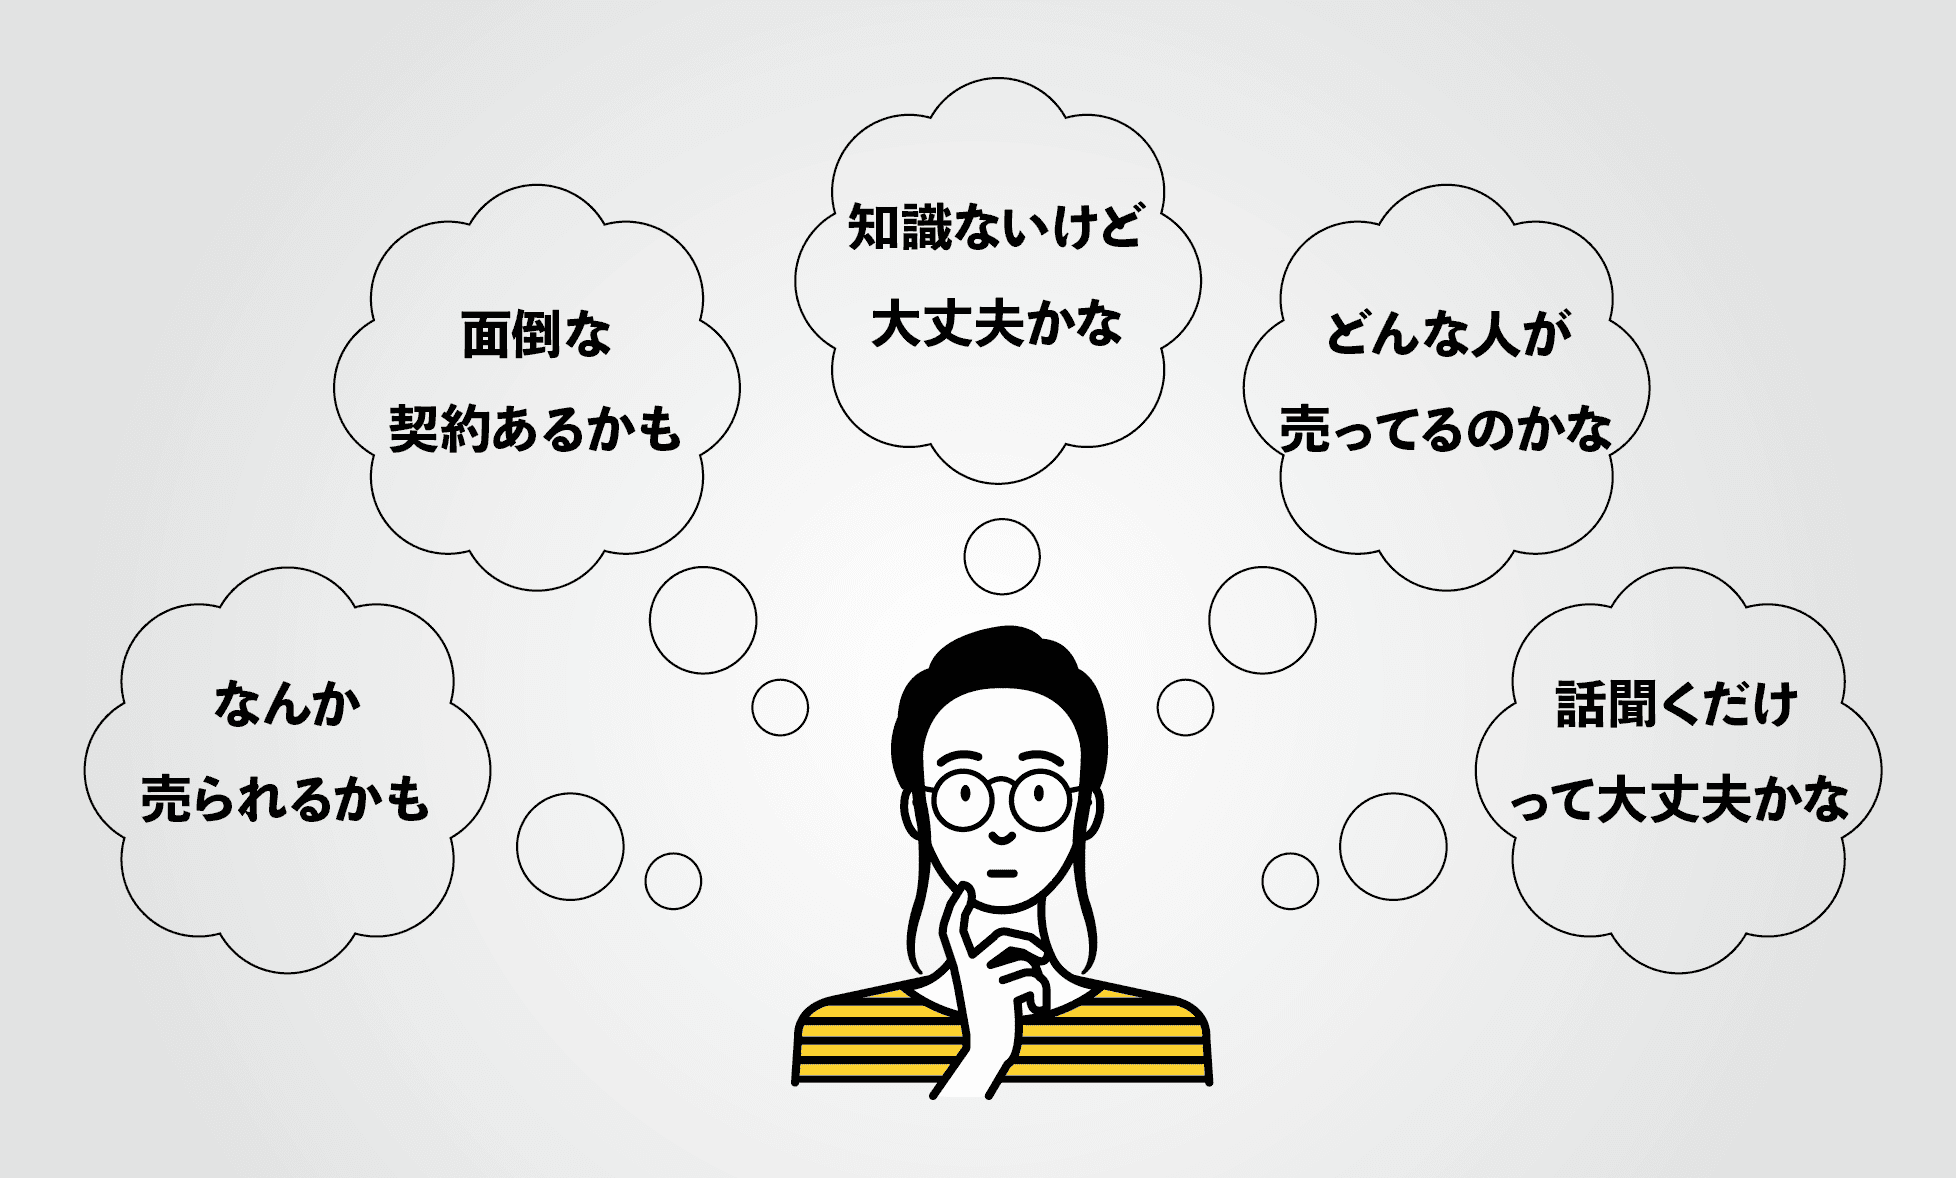 【初心者でも大丈夫】チラシデザインの作り方10STEP